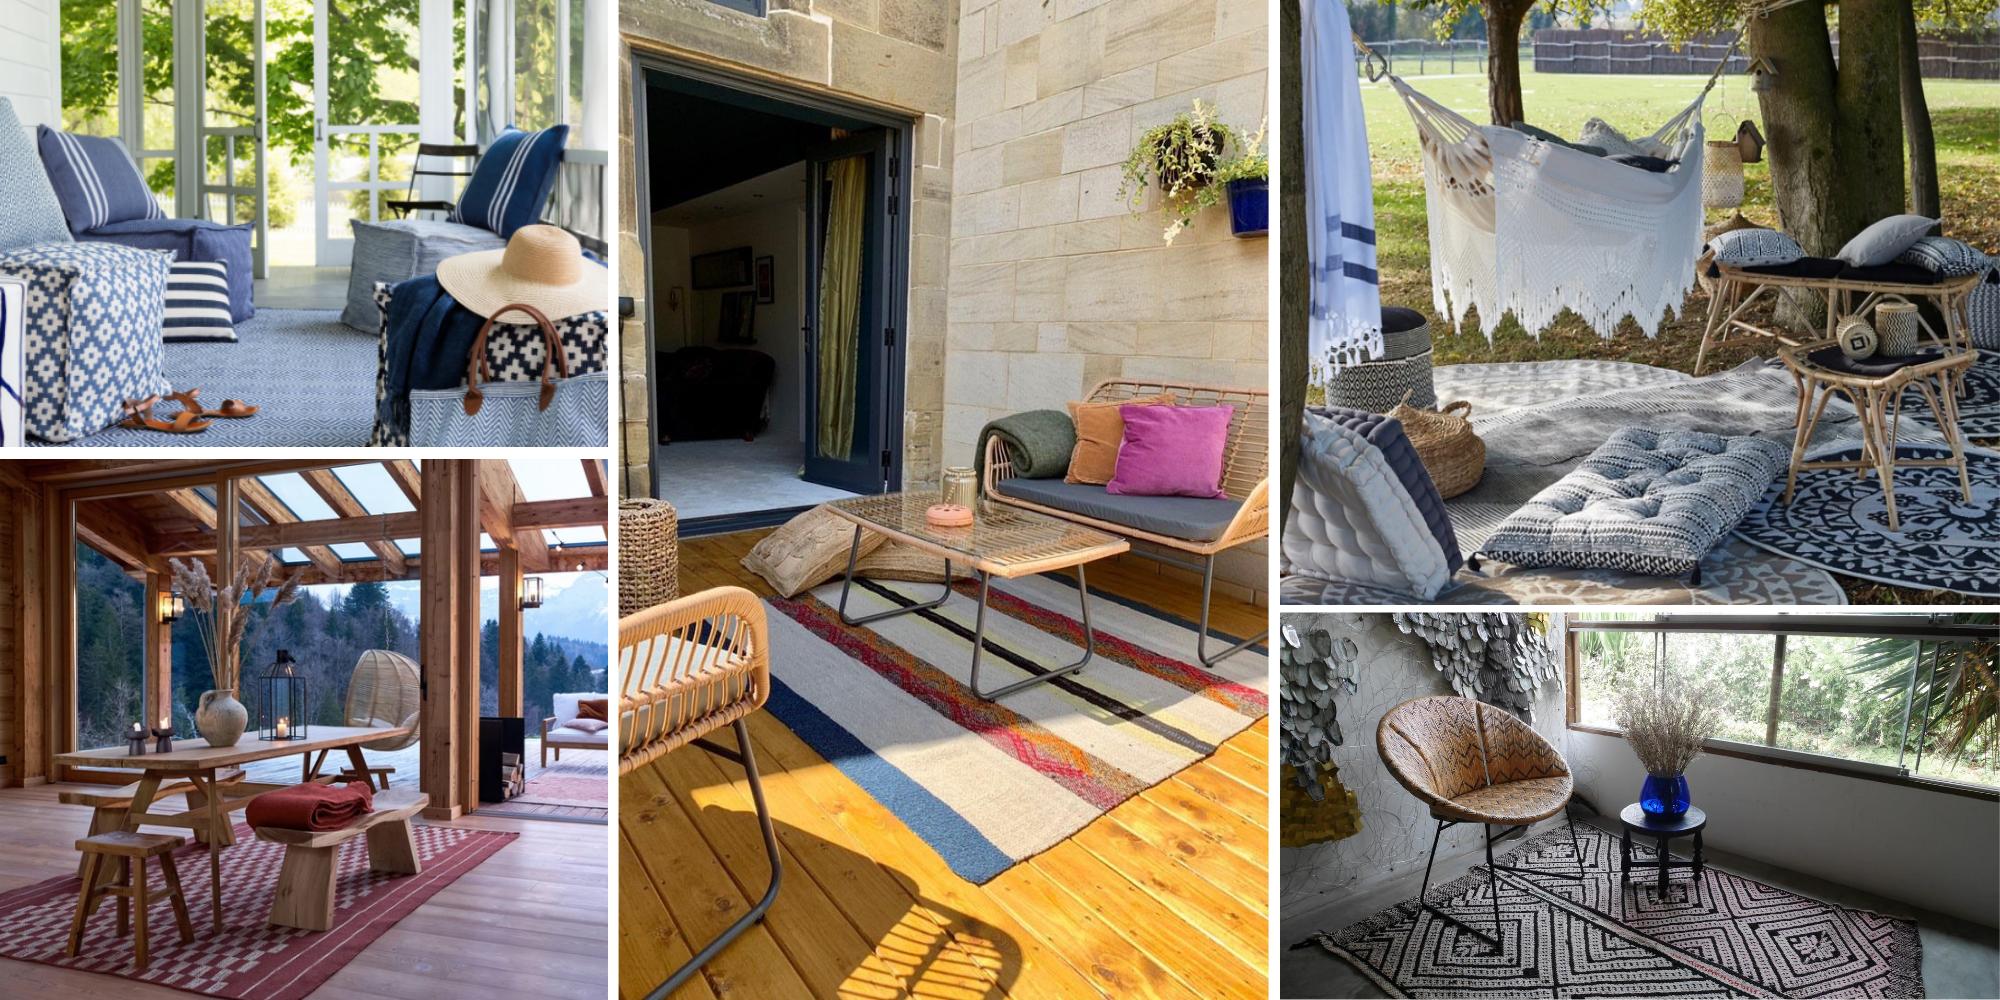 The Best Indoor Outdoor Rugs Uk 2020 Woven Rosa Interiors Homeware Sustainable Unique